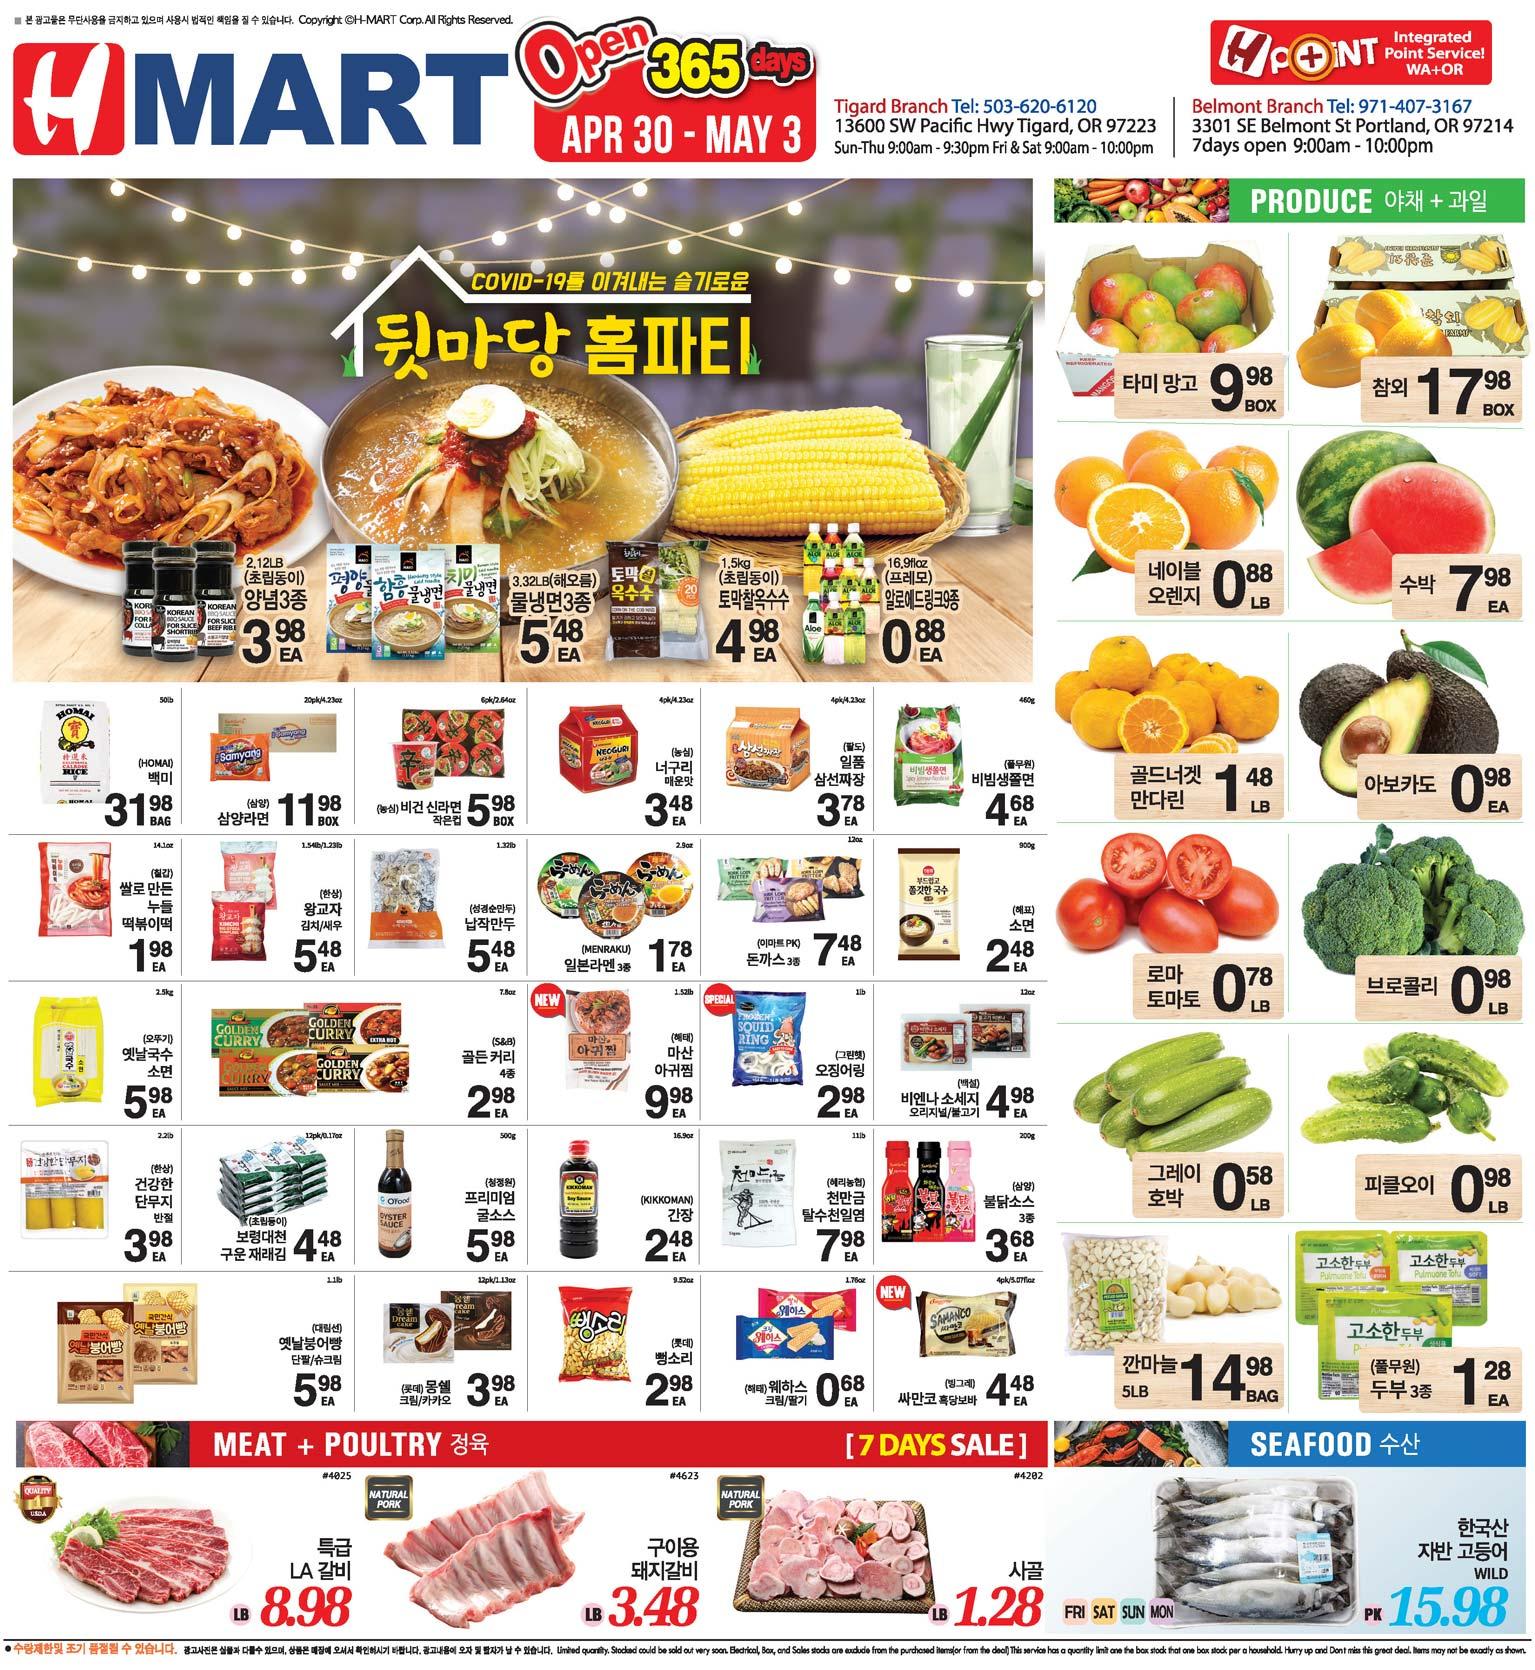 Hmart Portland Weekly Ad - Tigard 04-30-2021